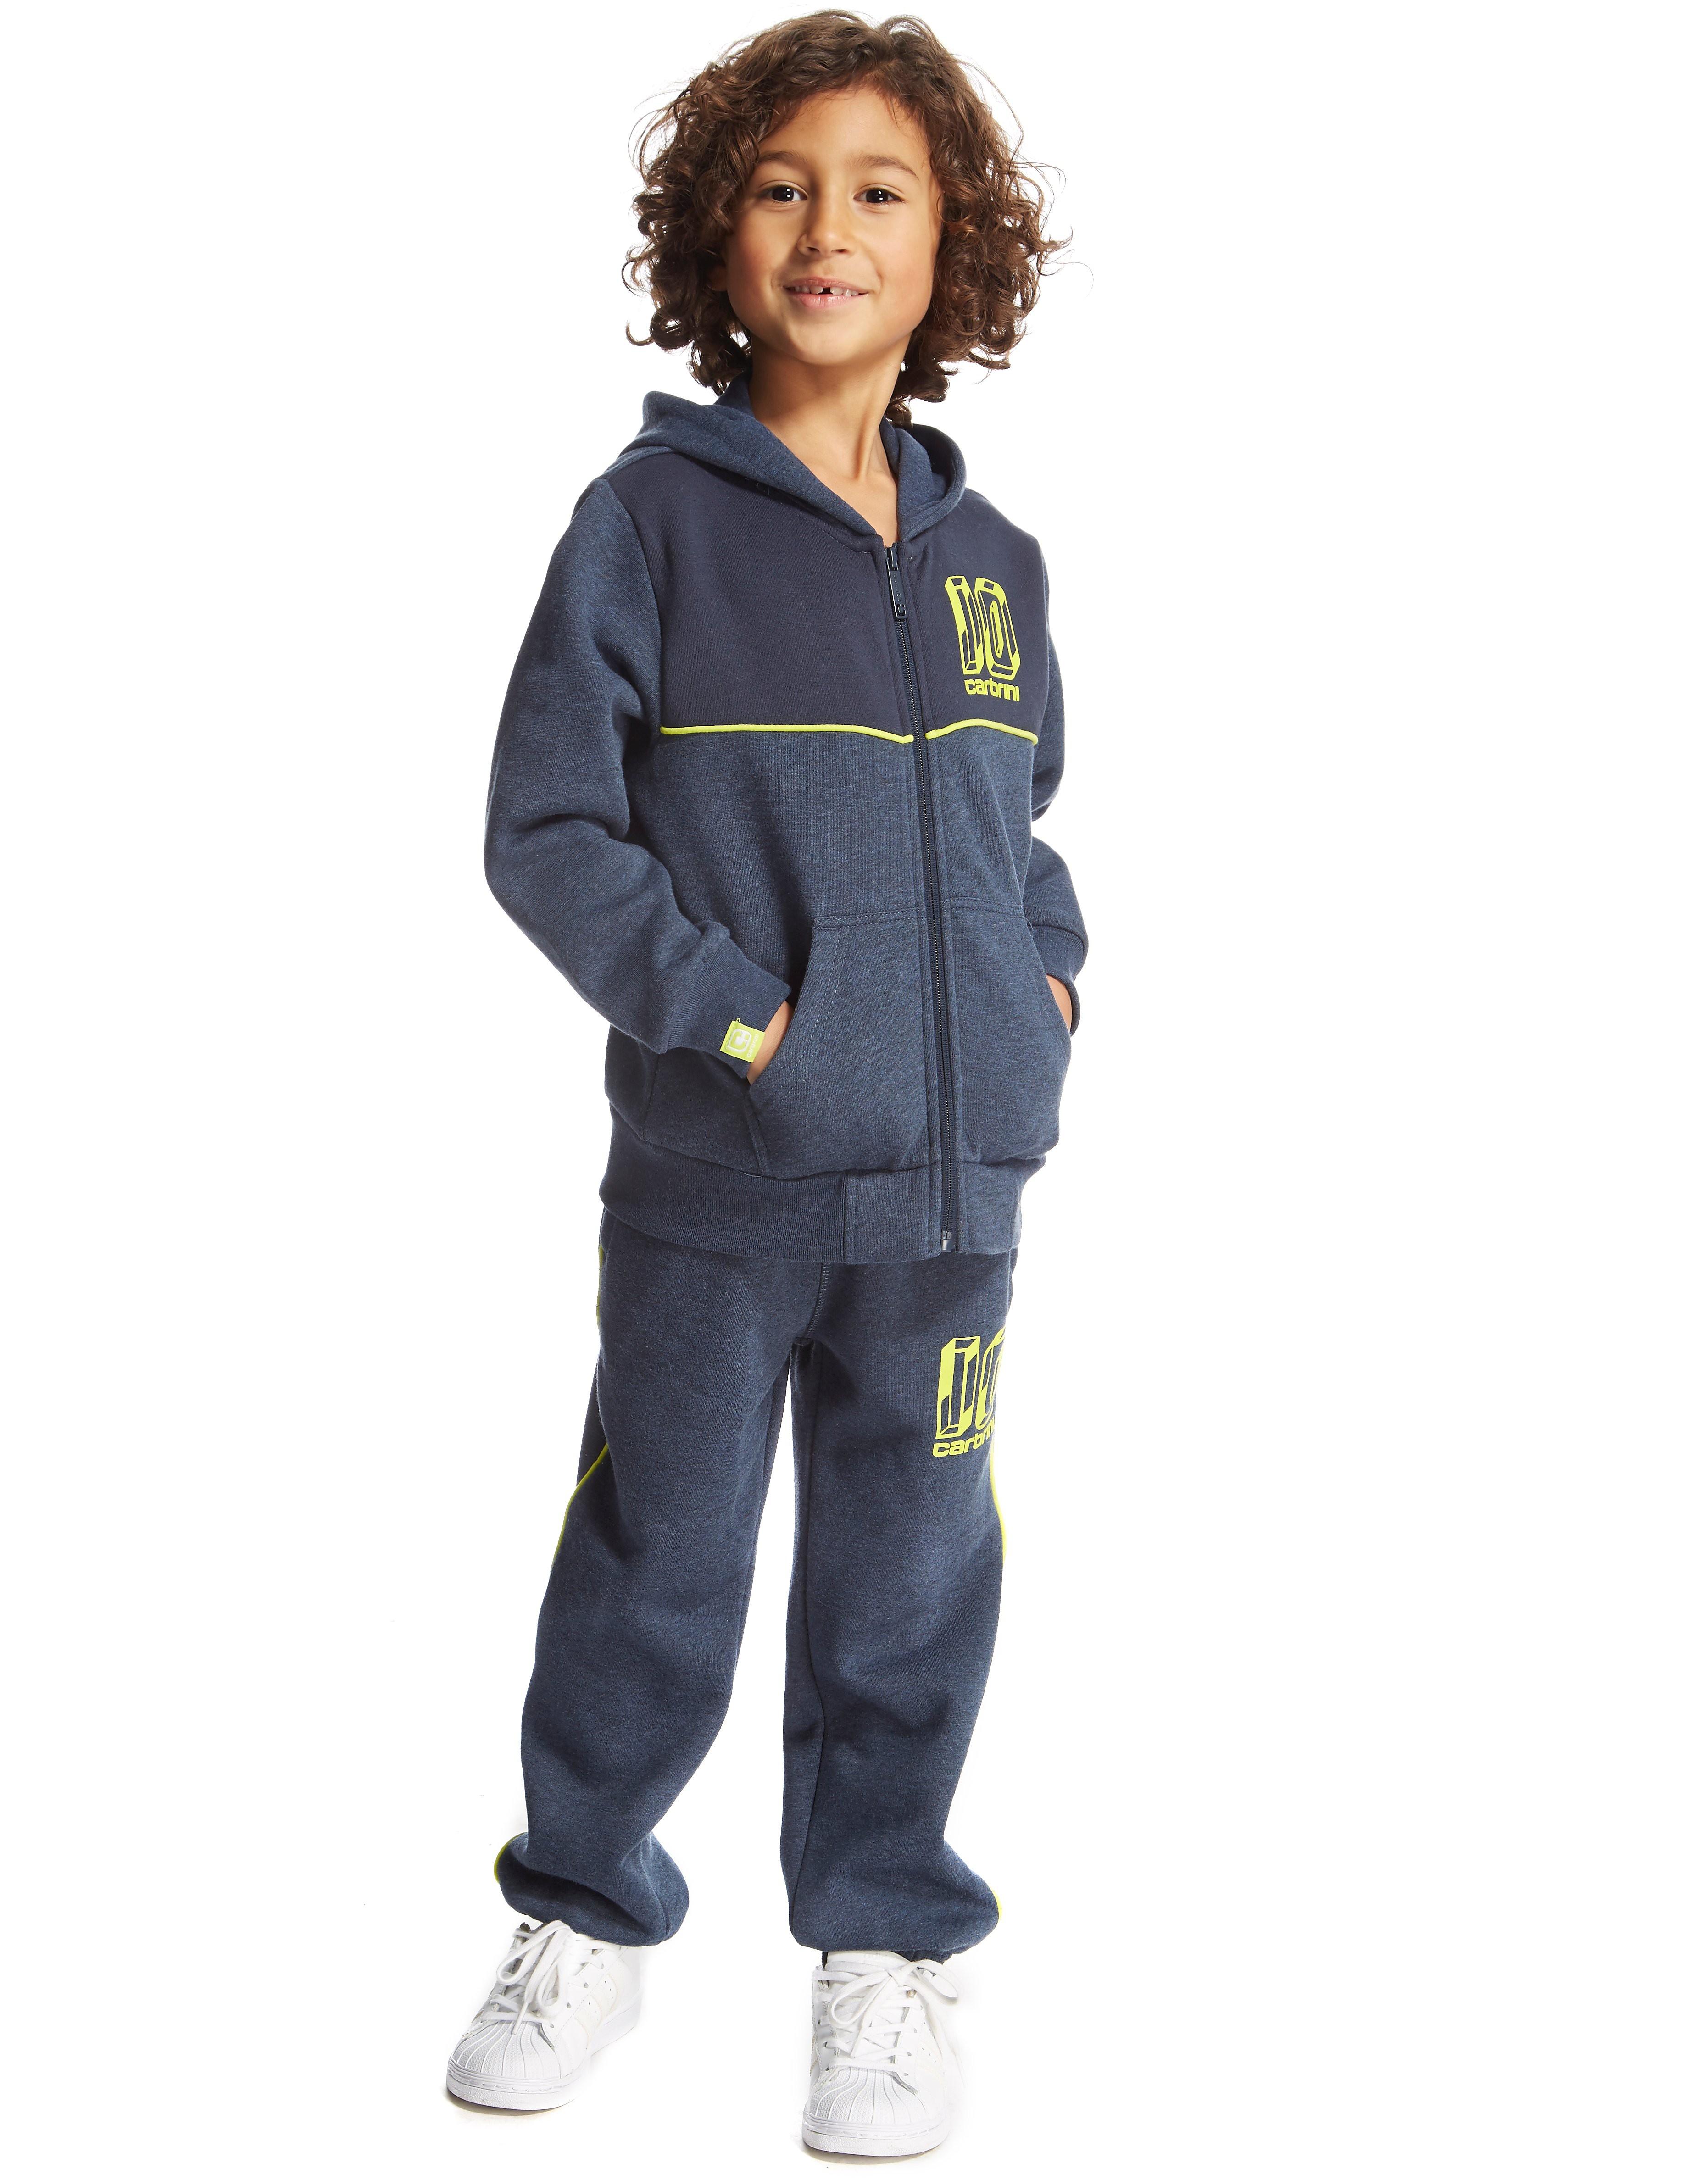 Carbrini Dutch Suit Children